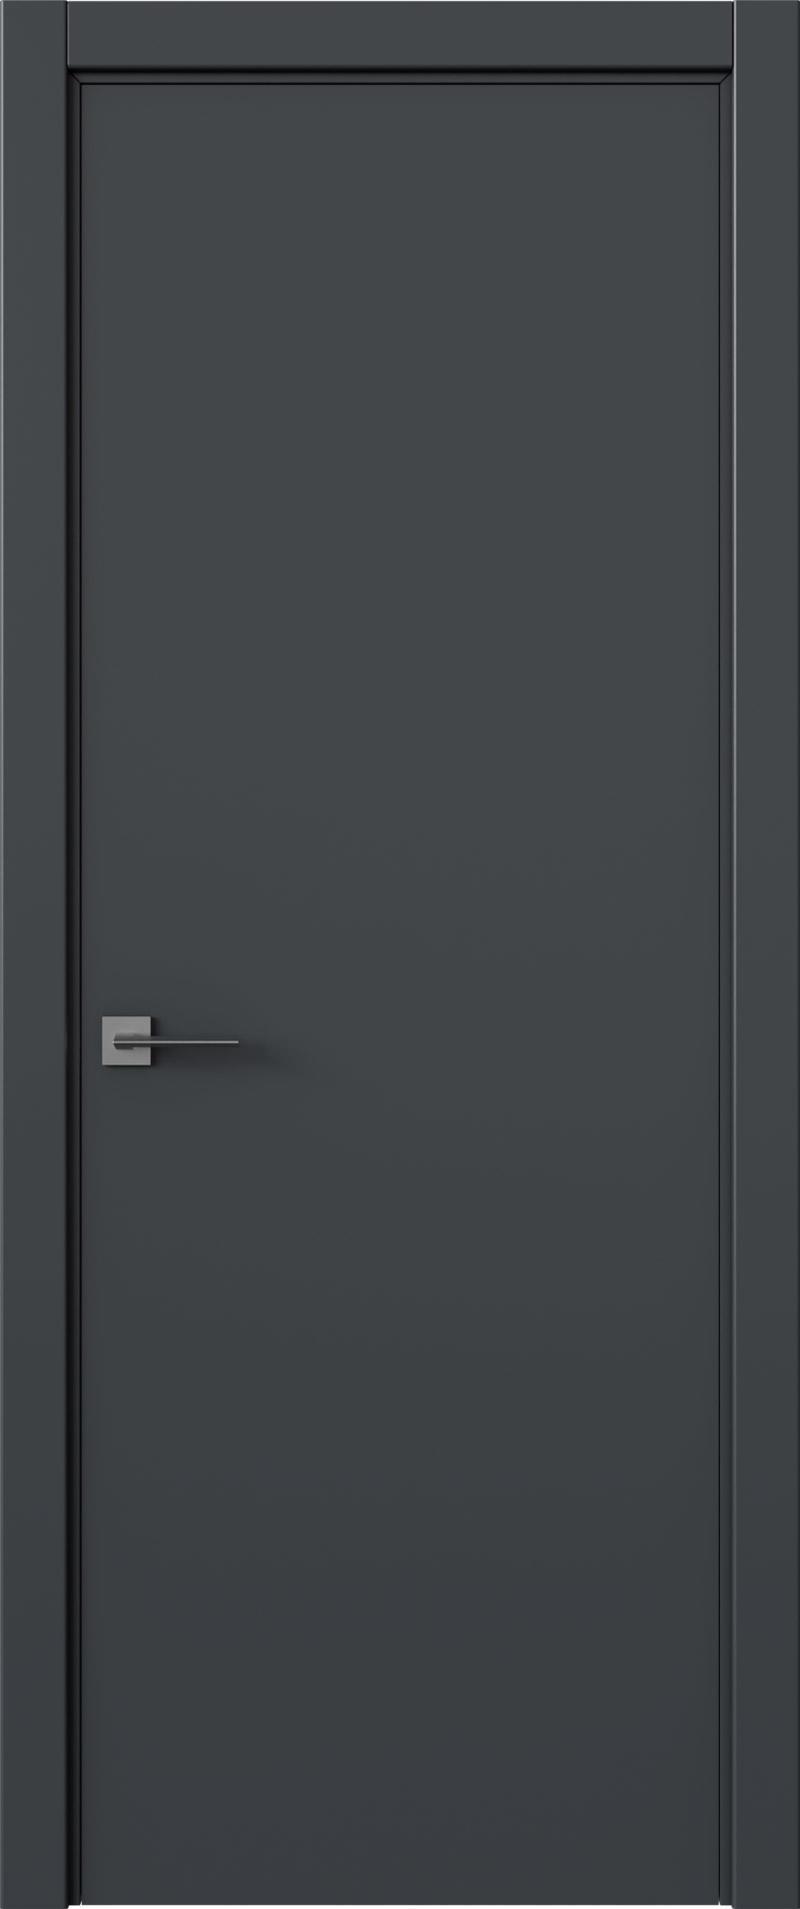 Tivoli А-5 цвет - Графитово-серая эмаль (RAL 7024) Без стекла (ДГ)